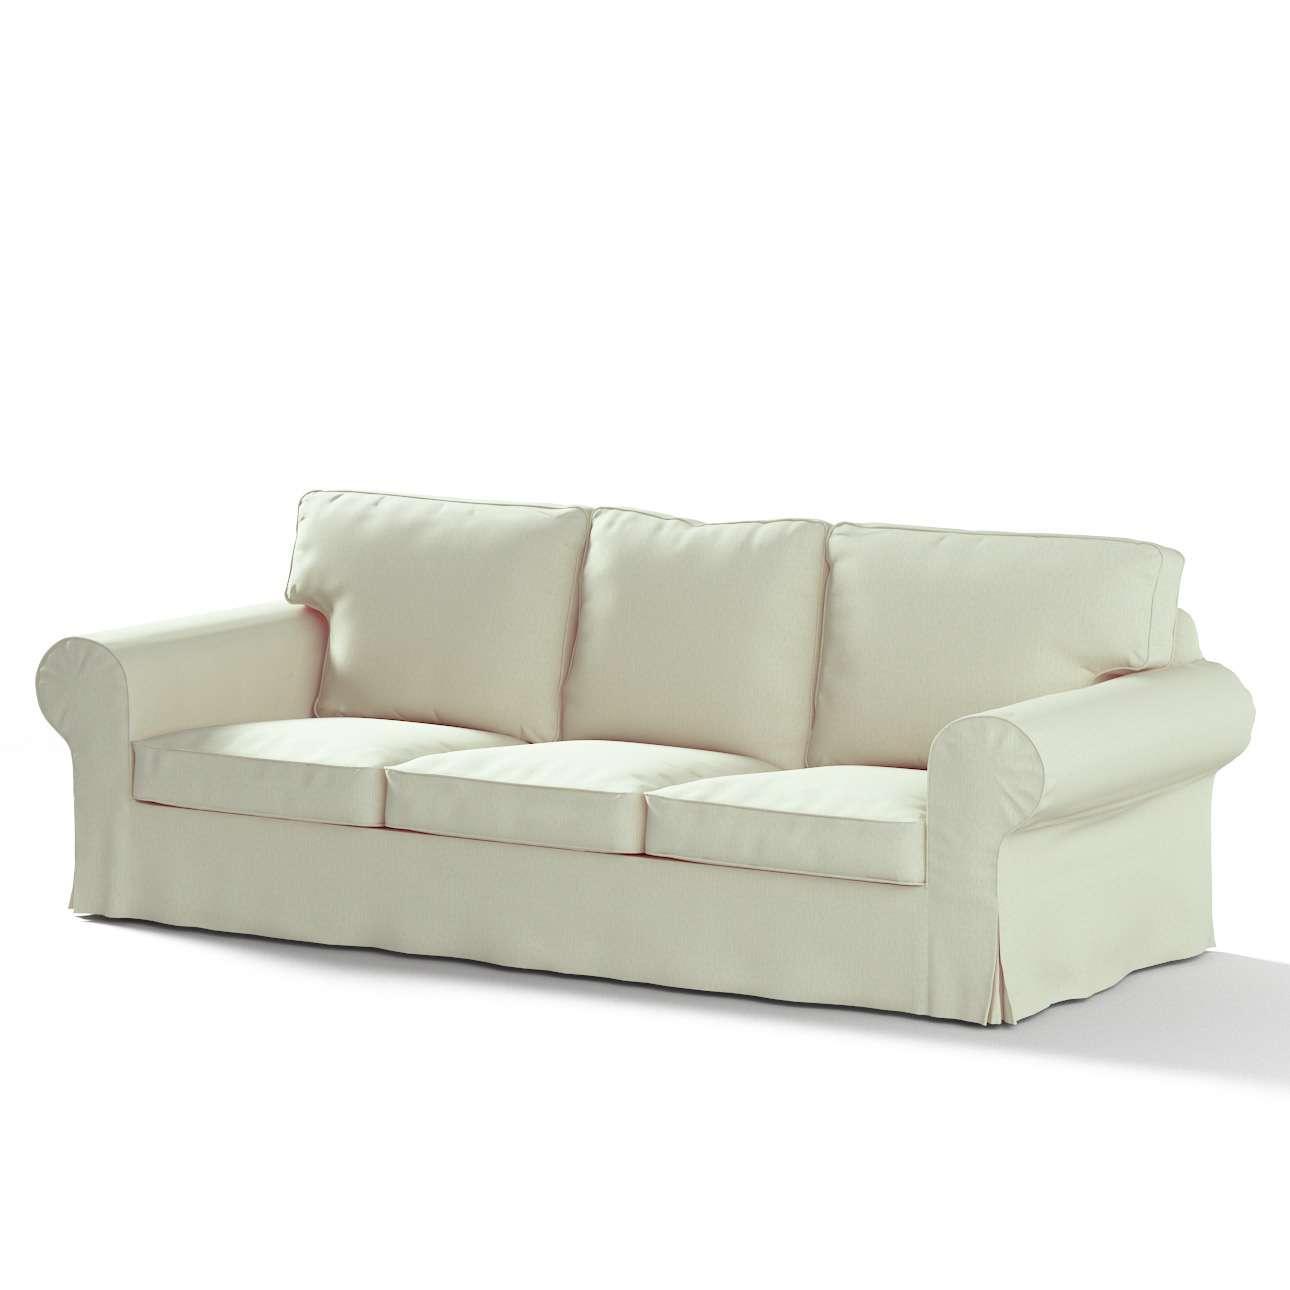 Ektorp trivietės sofos užvalkalas Ektorp trivietės sofos užvalkalas kolekcijoje Chenille, audinys: 702-22